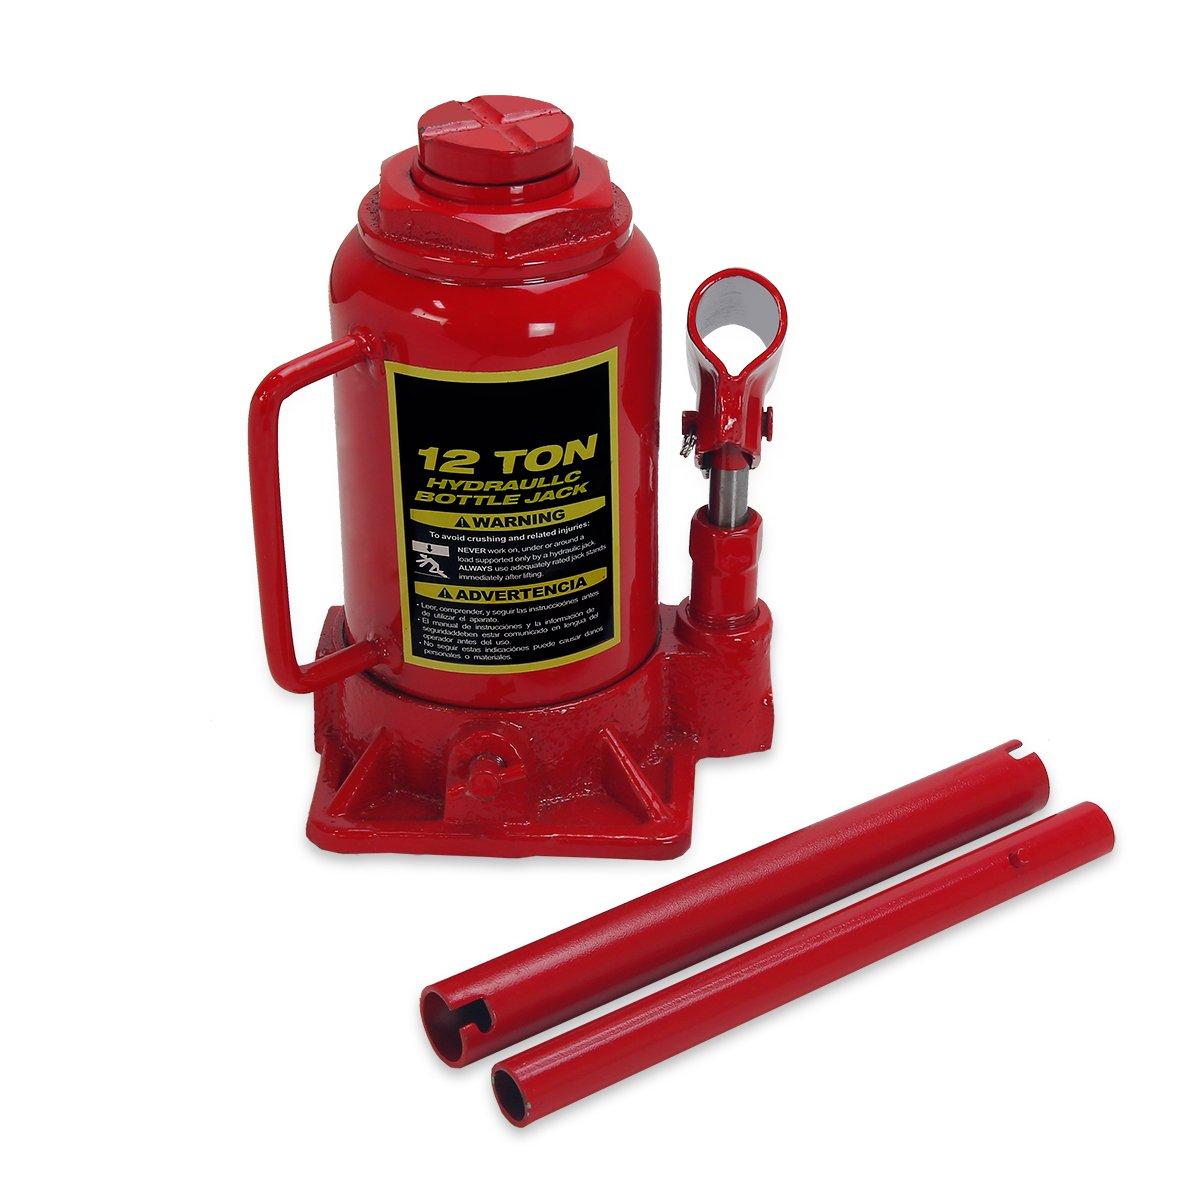 12 Ton Heavy Duty Bottle Jack